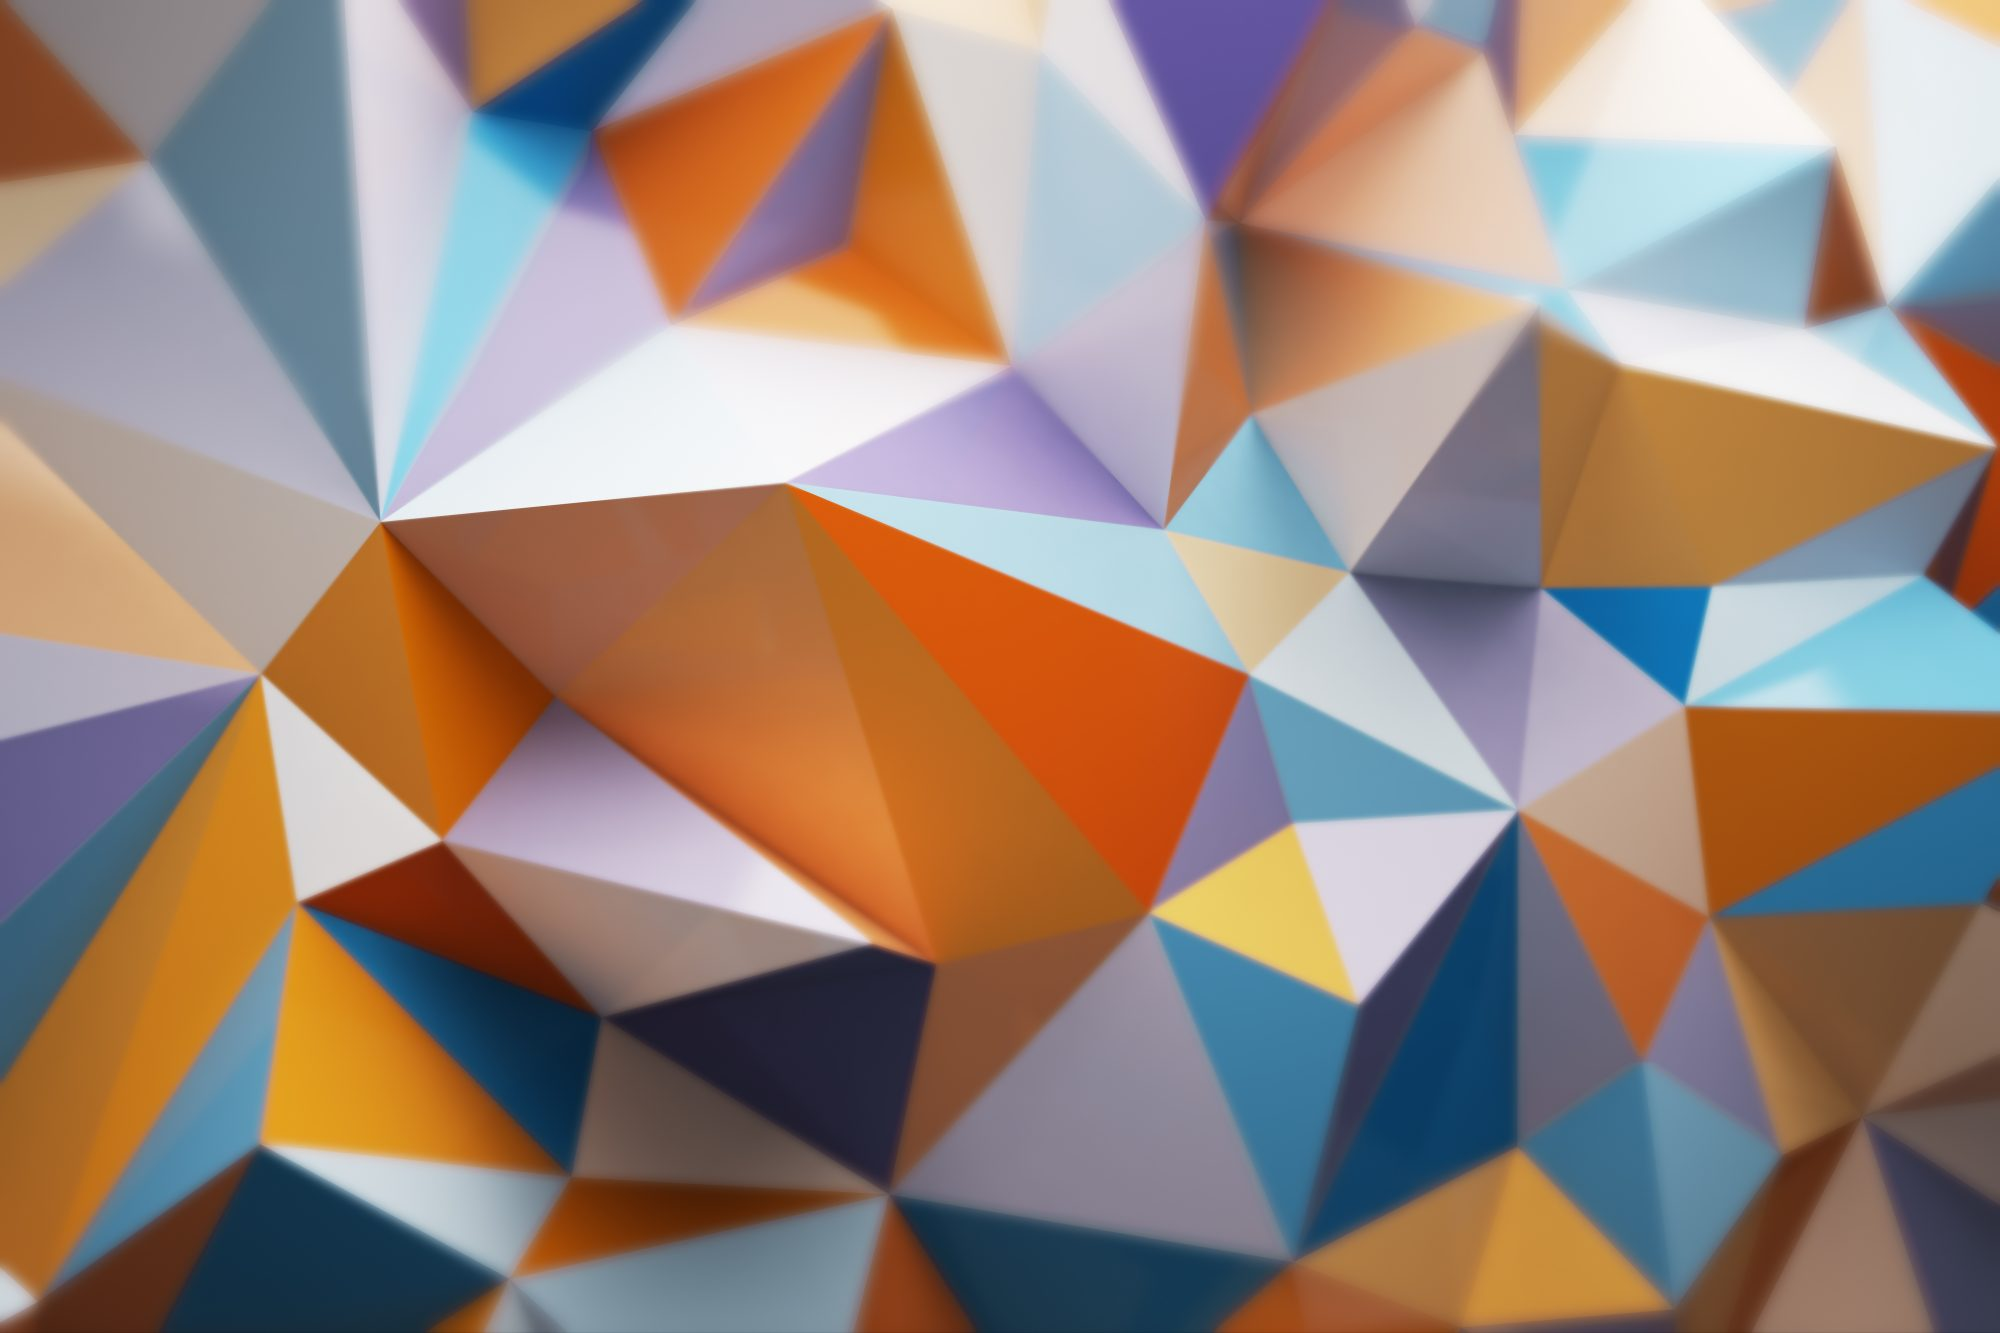 Presentation design workshop geometric banner image